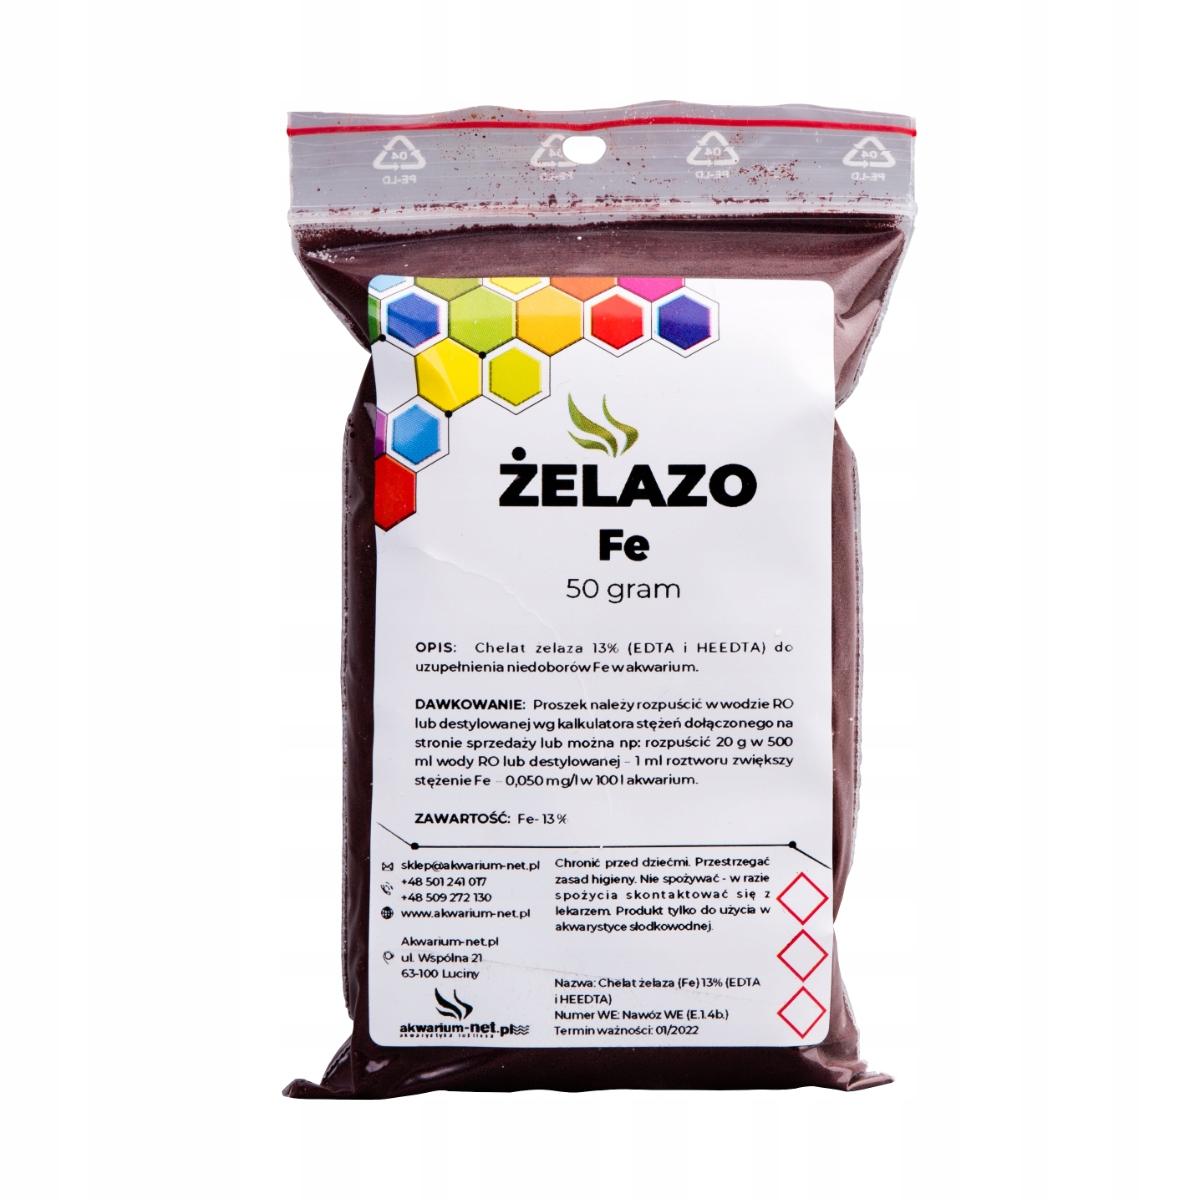 ŻELAZO 13% - CHELAT Fe 50 g